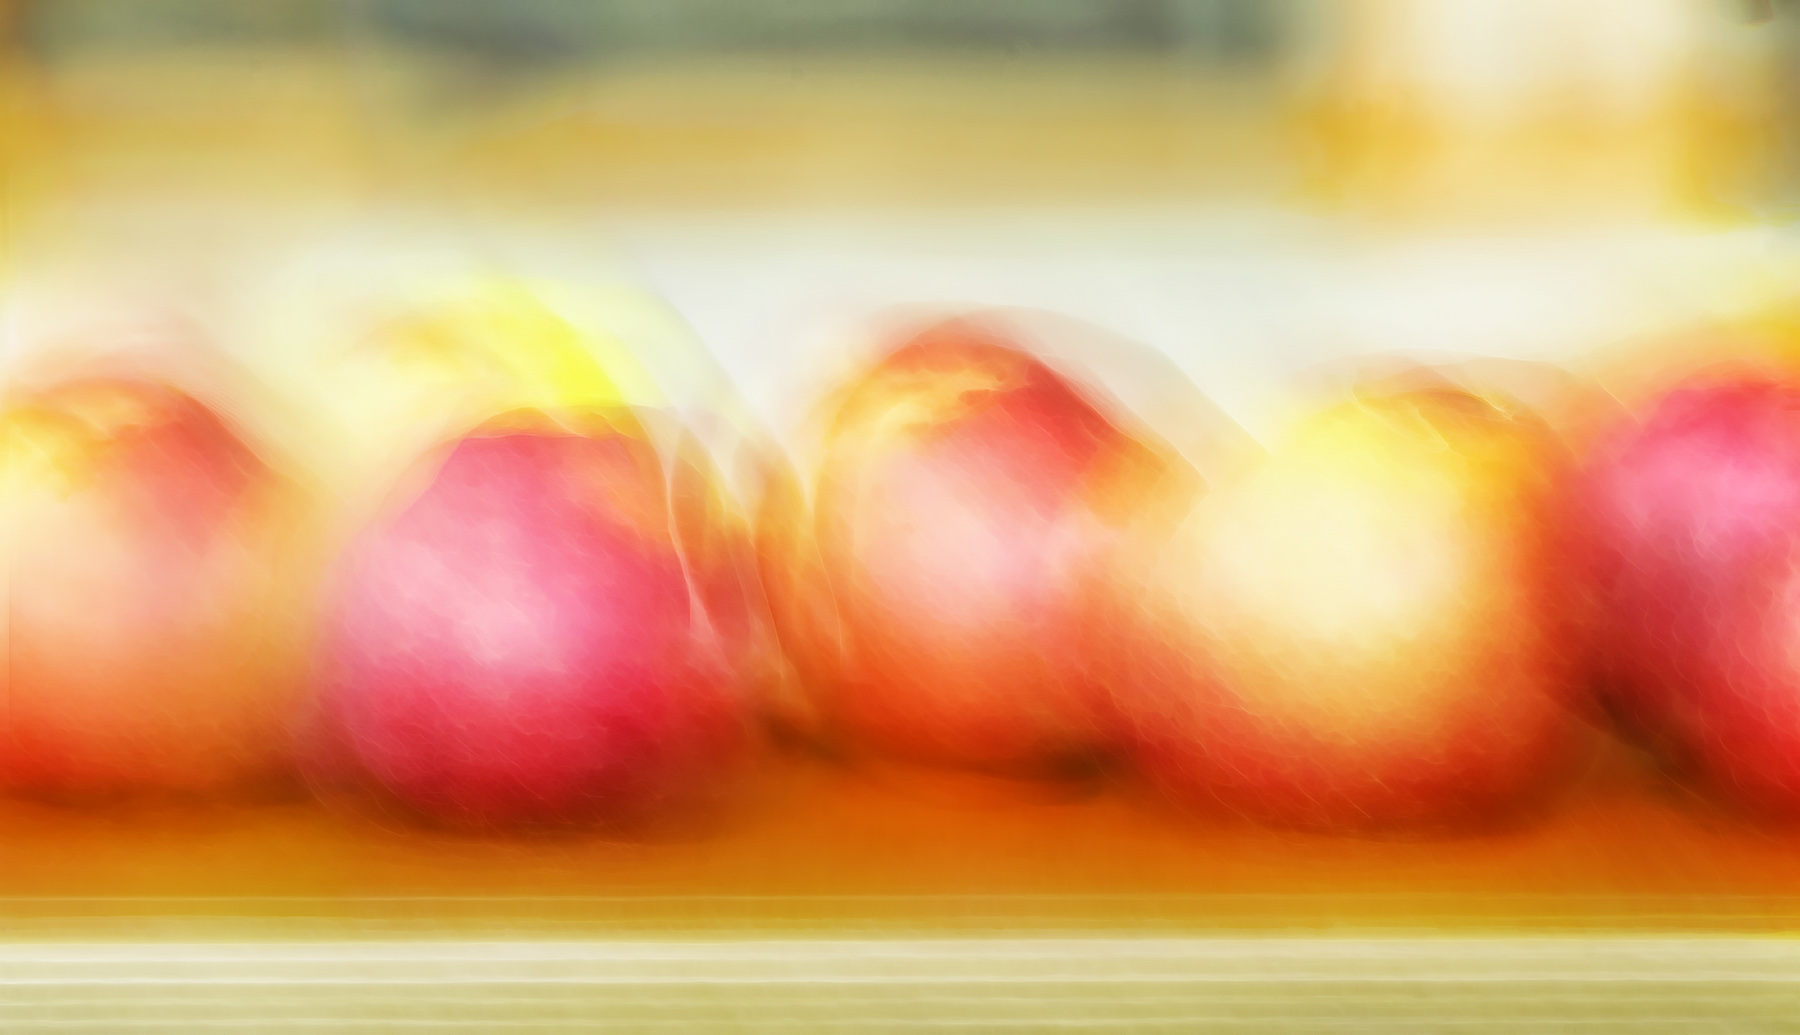 jede menge äpfel in meinem garten ...